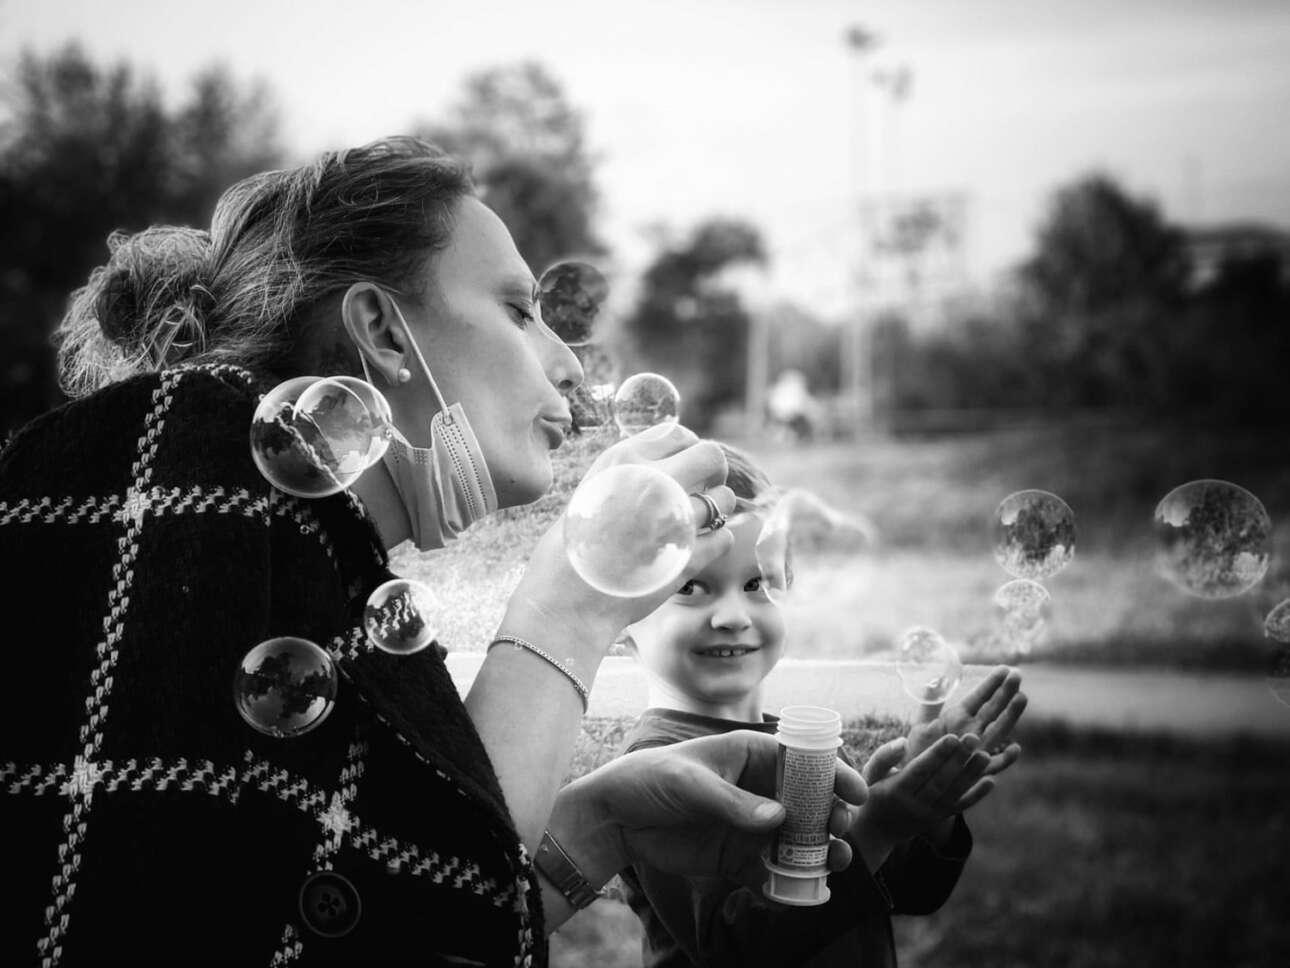 Βραβείο στην κατηγορία Κοντά στο Σπίτι. «Ηταν η αρχή του φθινοπώρου και μια από τις τελευταίες μέρες που έχεις την ευκαιρία να είσαι έξω στο πάρκο για μερικές ώρες. Η φίλη μου Τζούλια και ο γιος της έπαιζαν με σαπουνόφουσκες» γράφει στη συνοδευτική λεζάντα ο ιταλός φωτογράφος